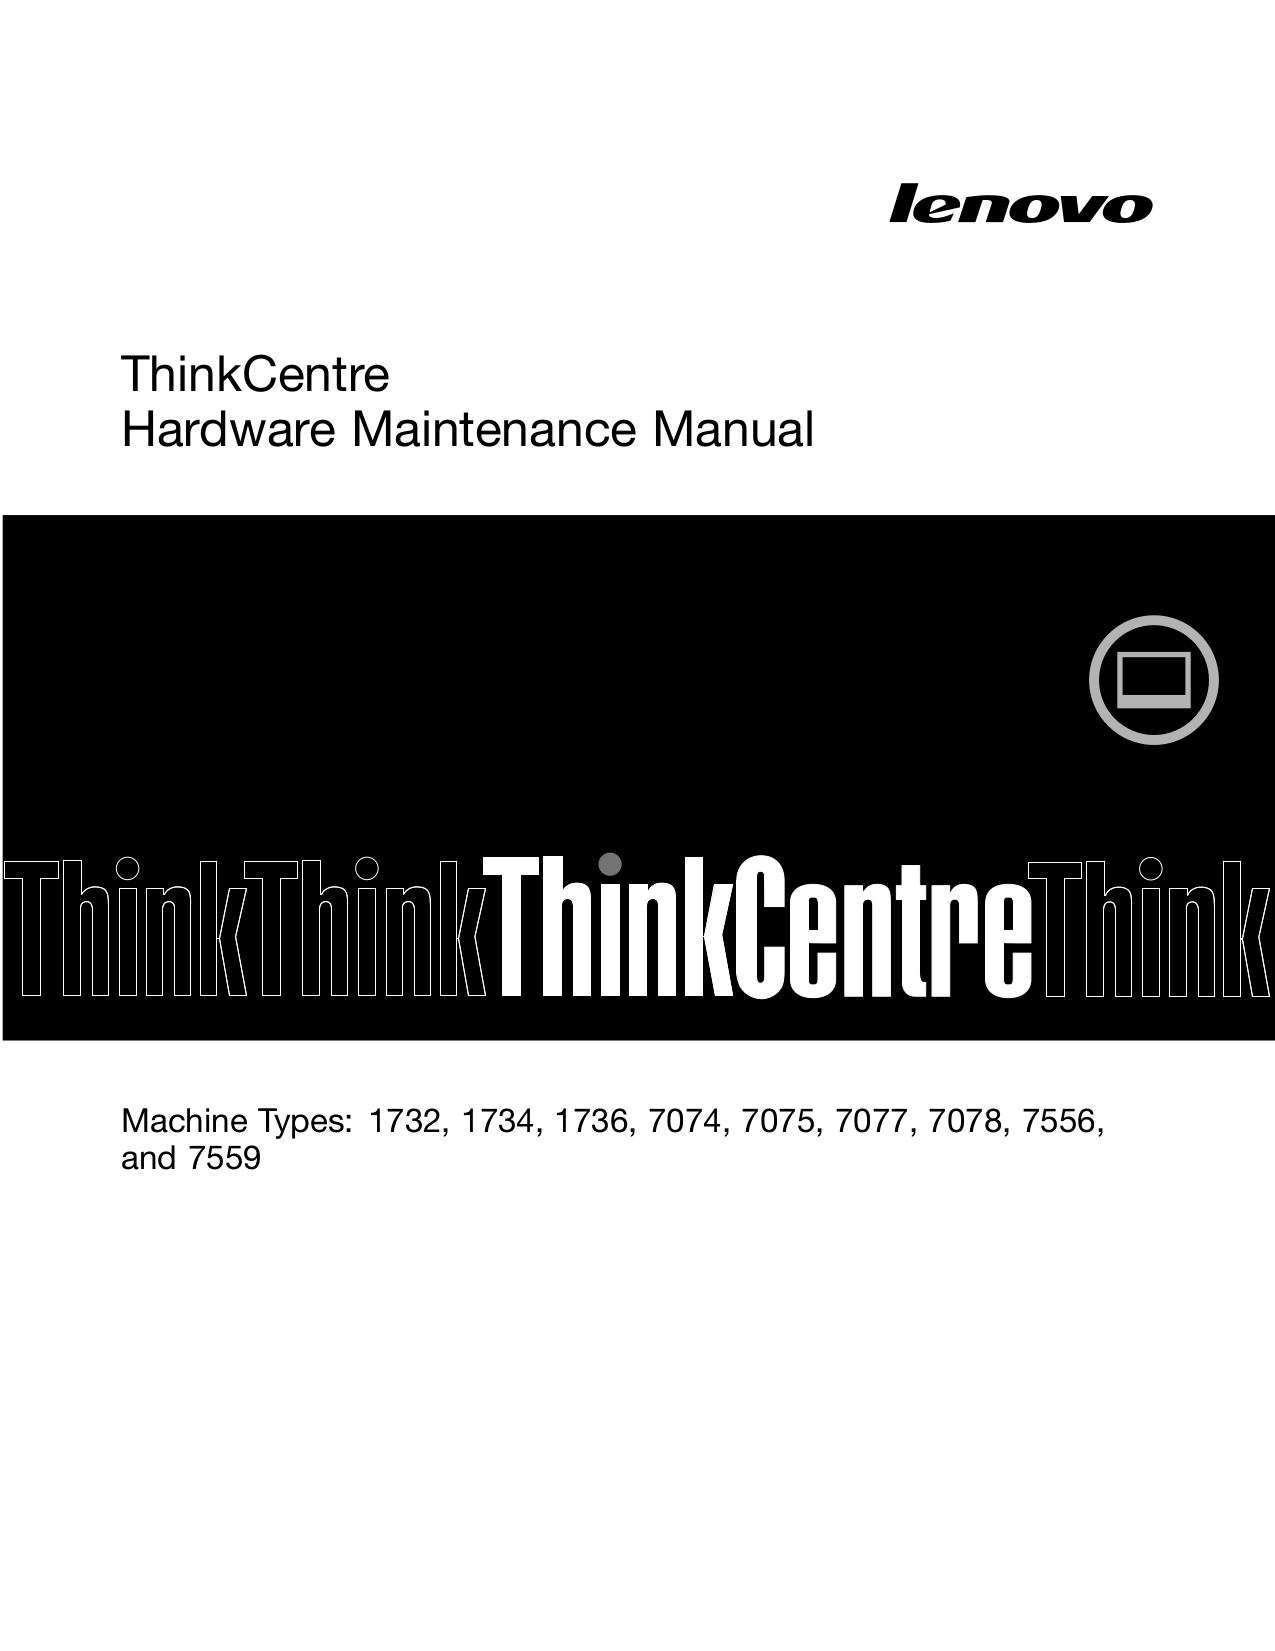 pdf for Lenovo Desktop ThinkCentre Edge 91z 7559 manual